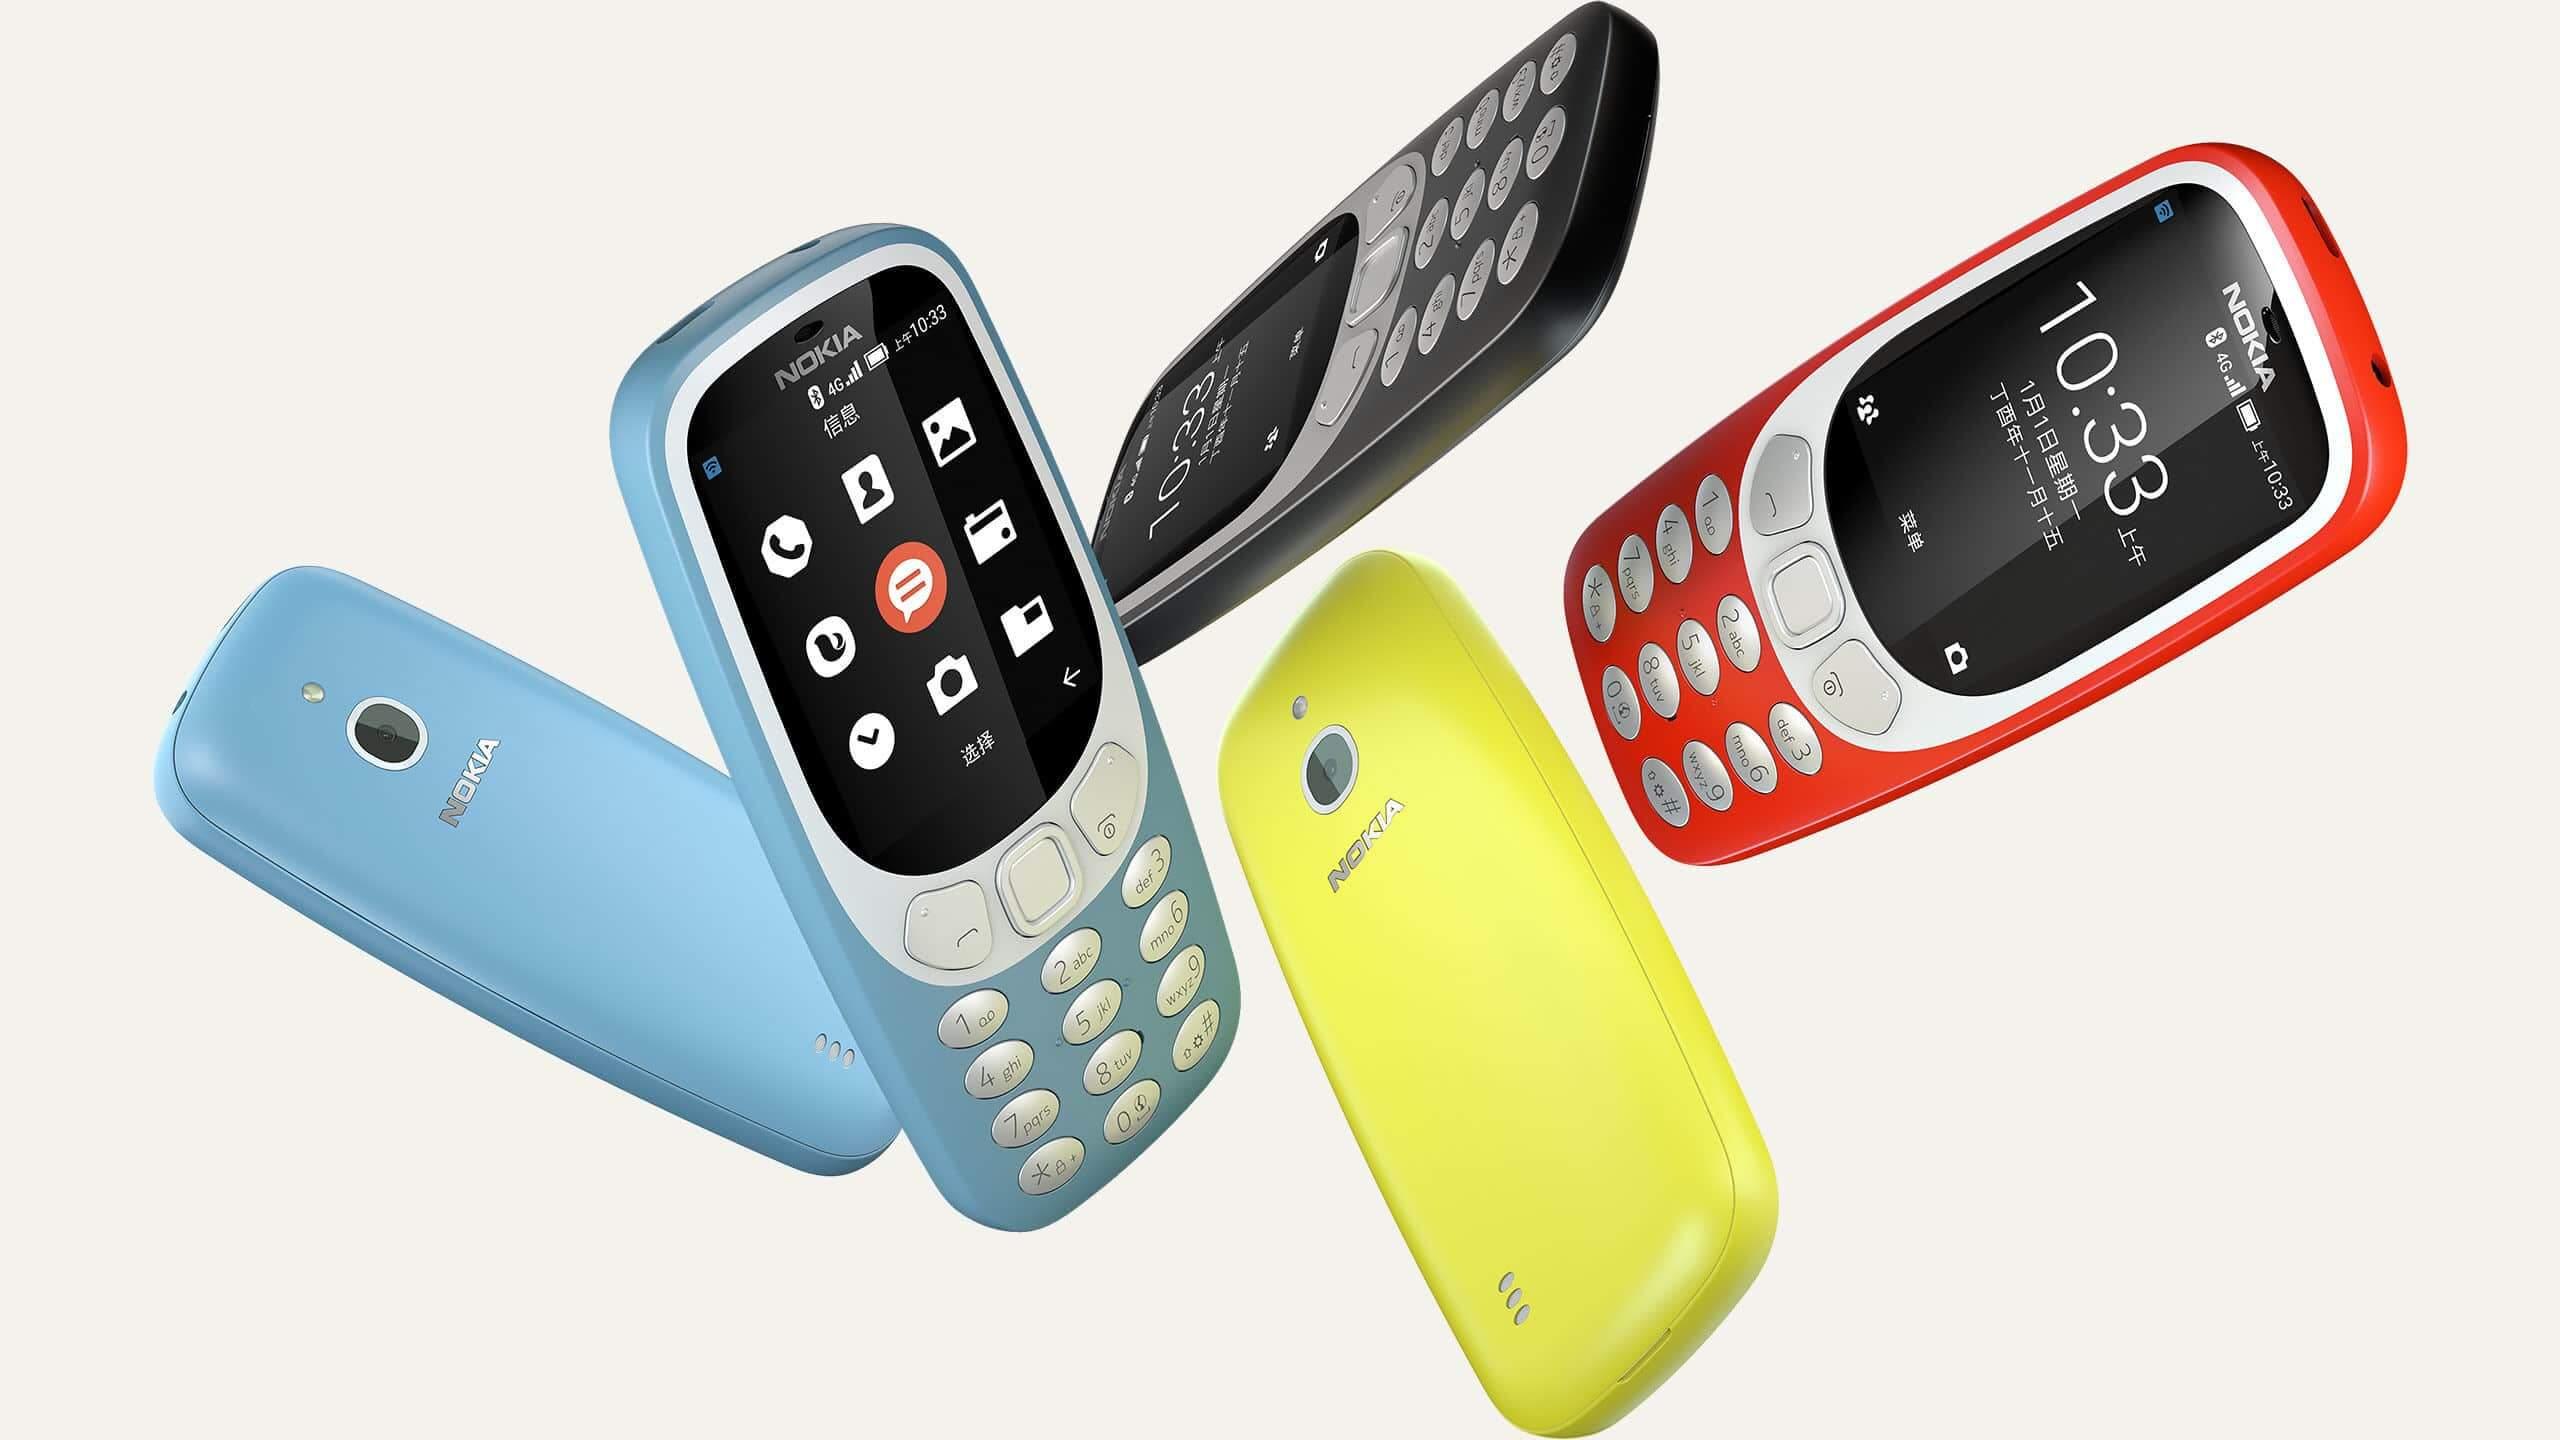 Un module 4G et une puce Bluetooth 4.0 pour le Nokia 3310 de 2018 ?